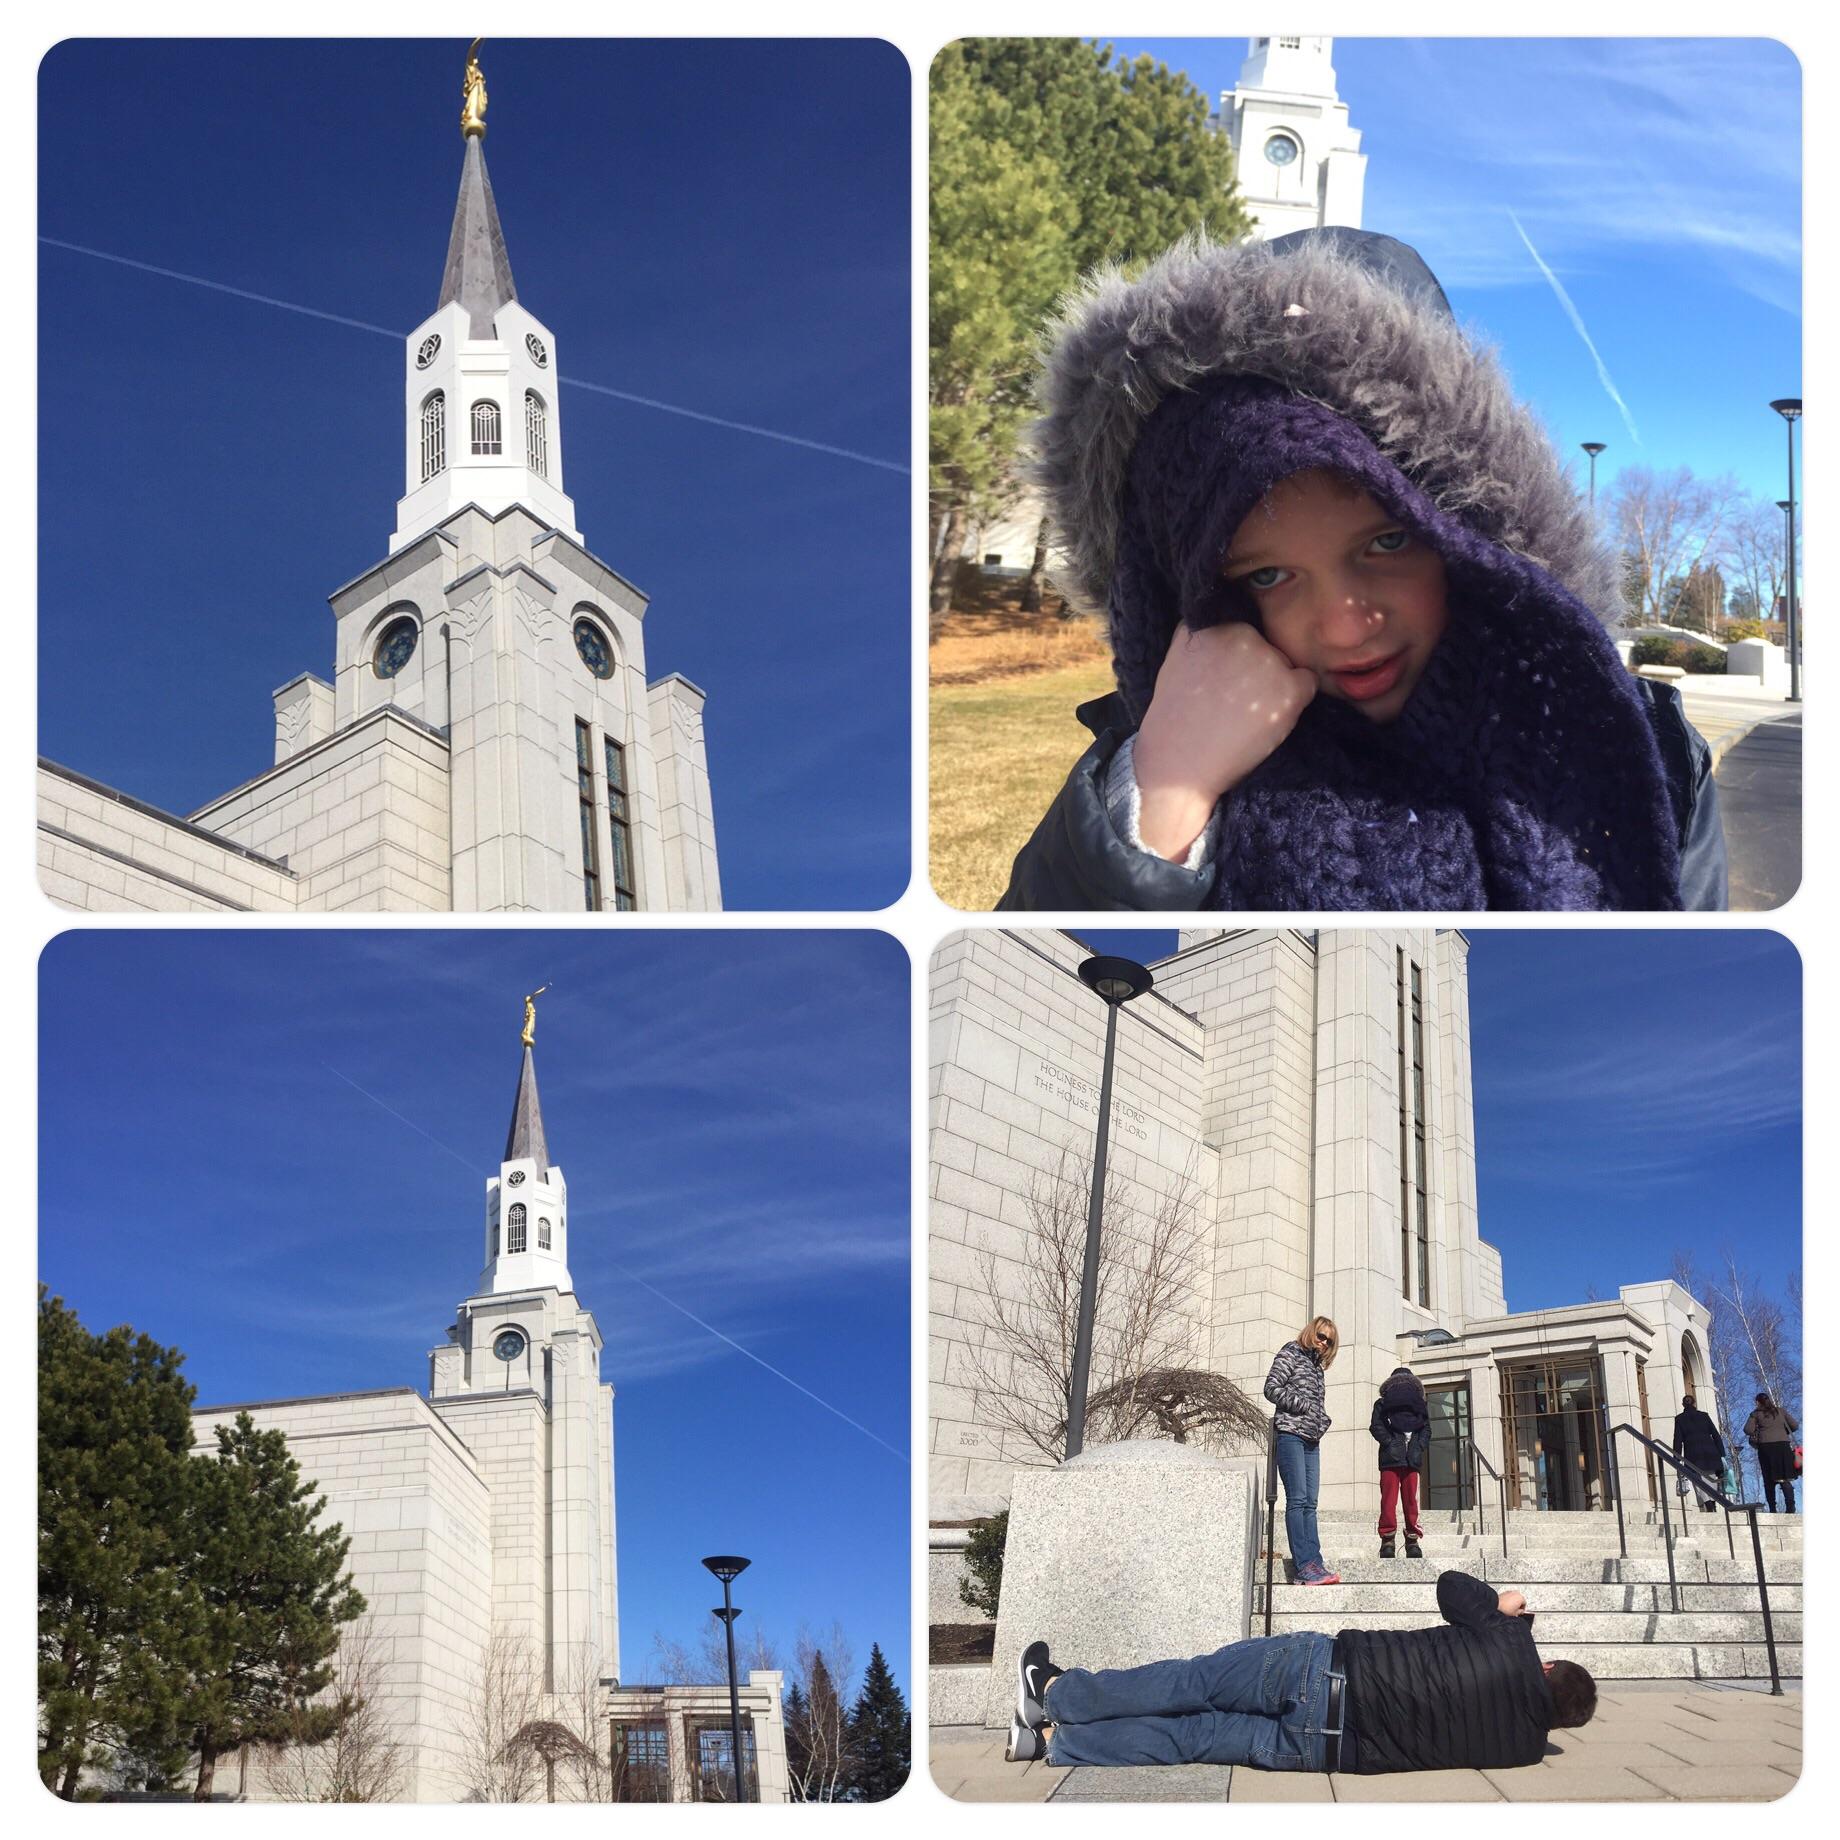 LDS Boston Temple in Belmont